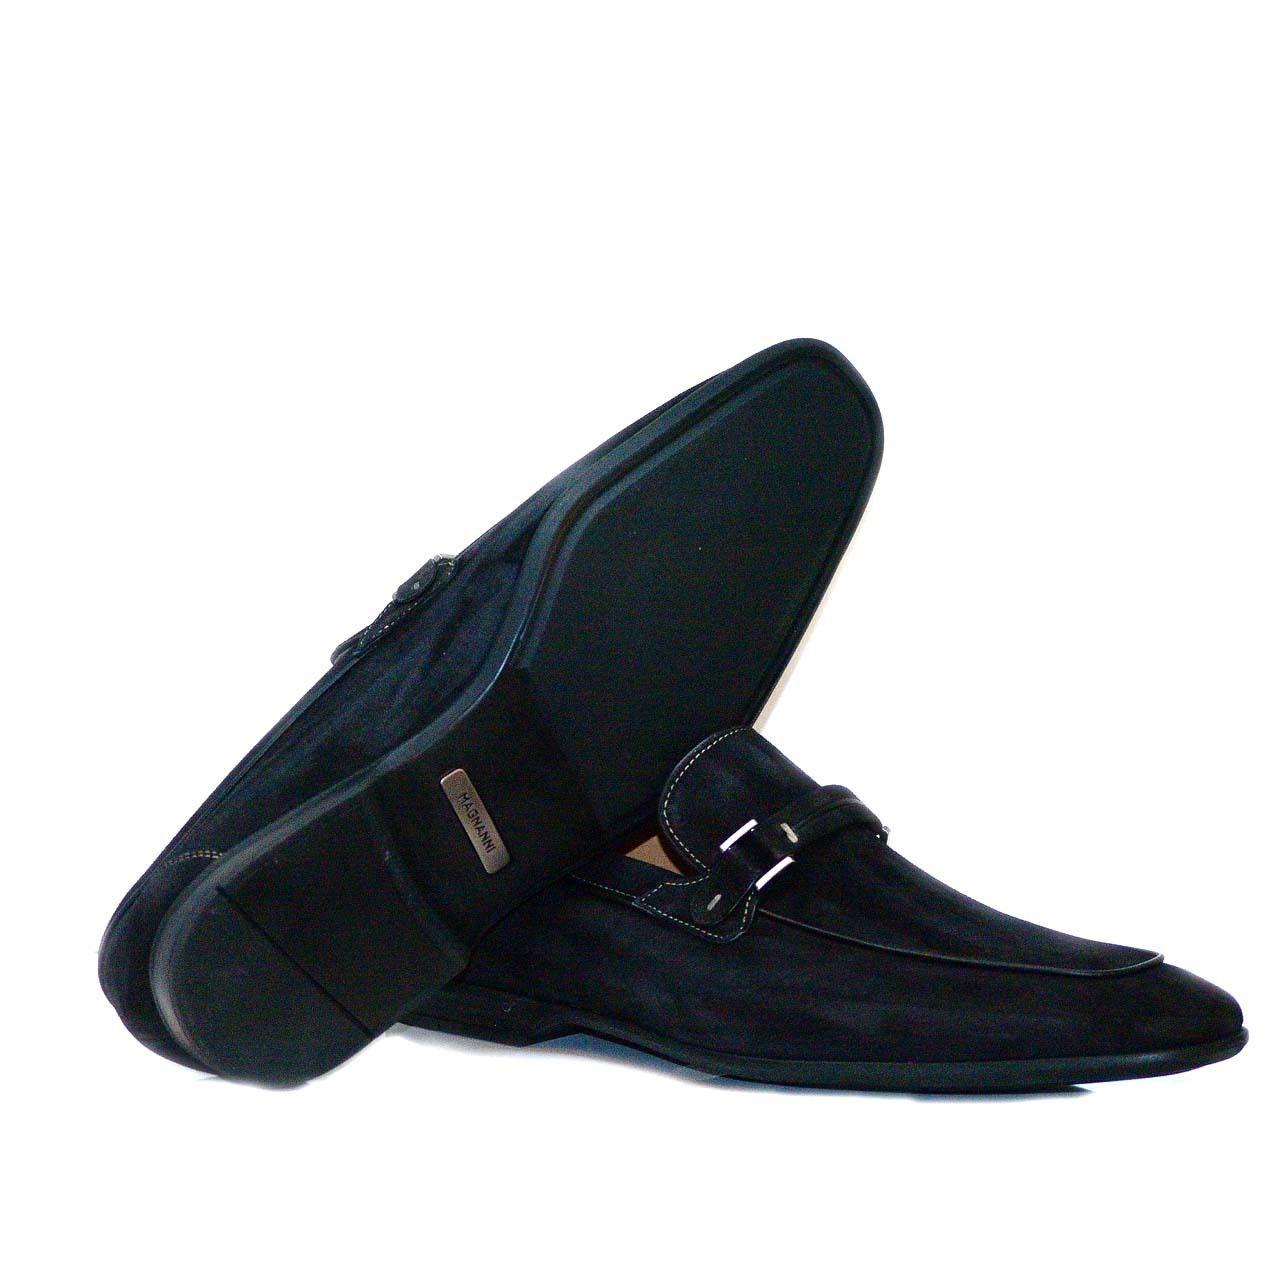 Magnanni 13017 Black Suede Pelleline Com Dress Shoes Men Loafers Men Oxford Shoes [ 1280 x 1280 Pixel ]